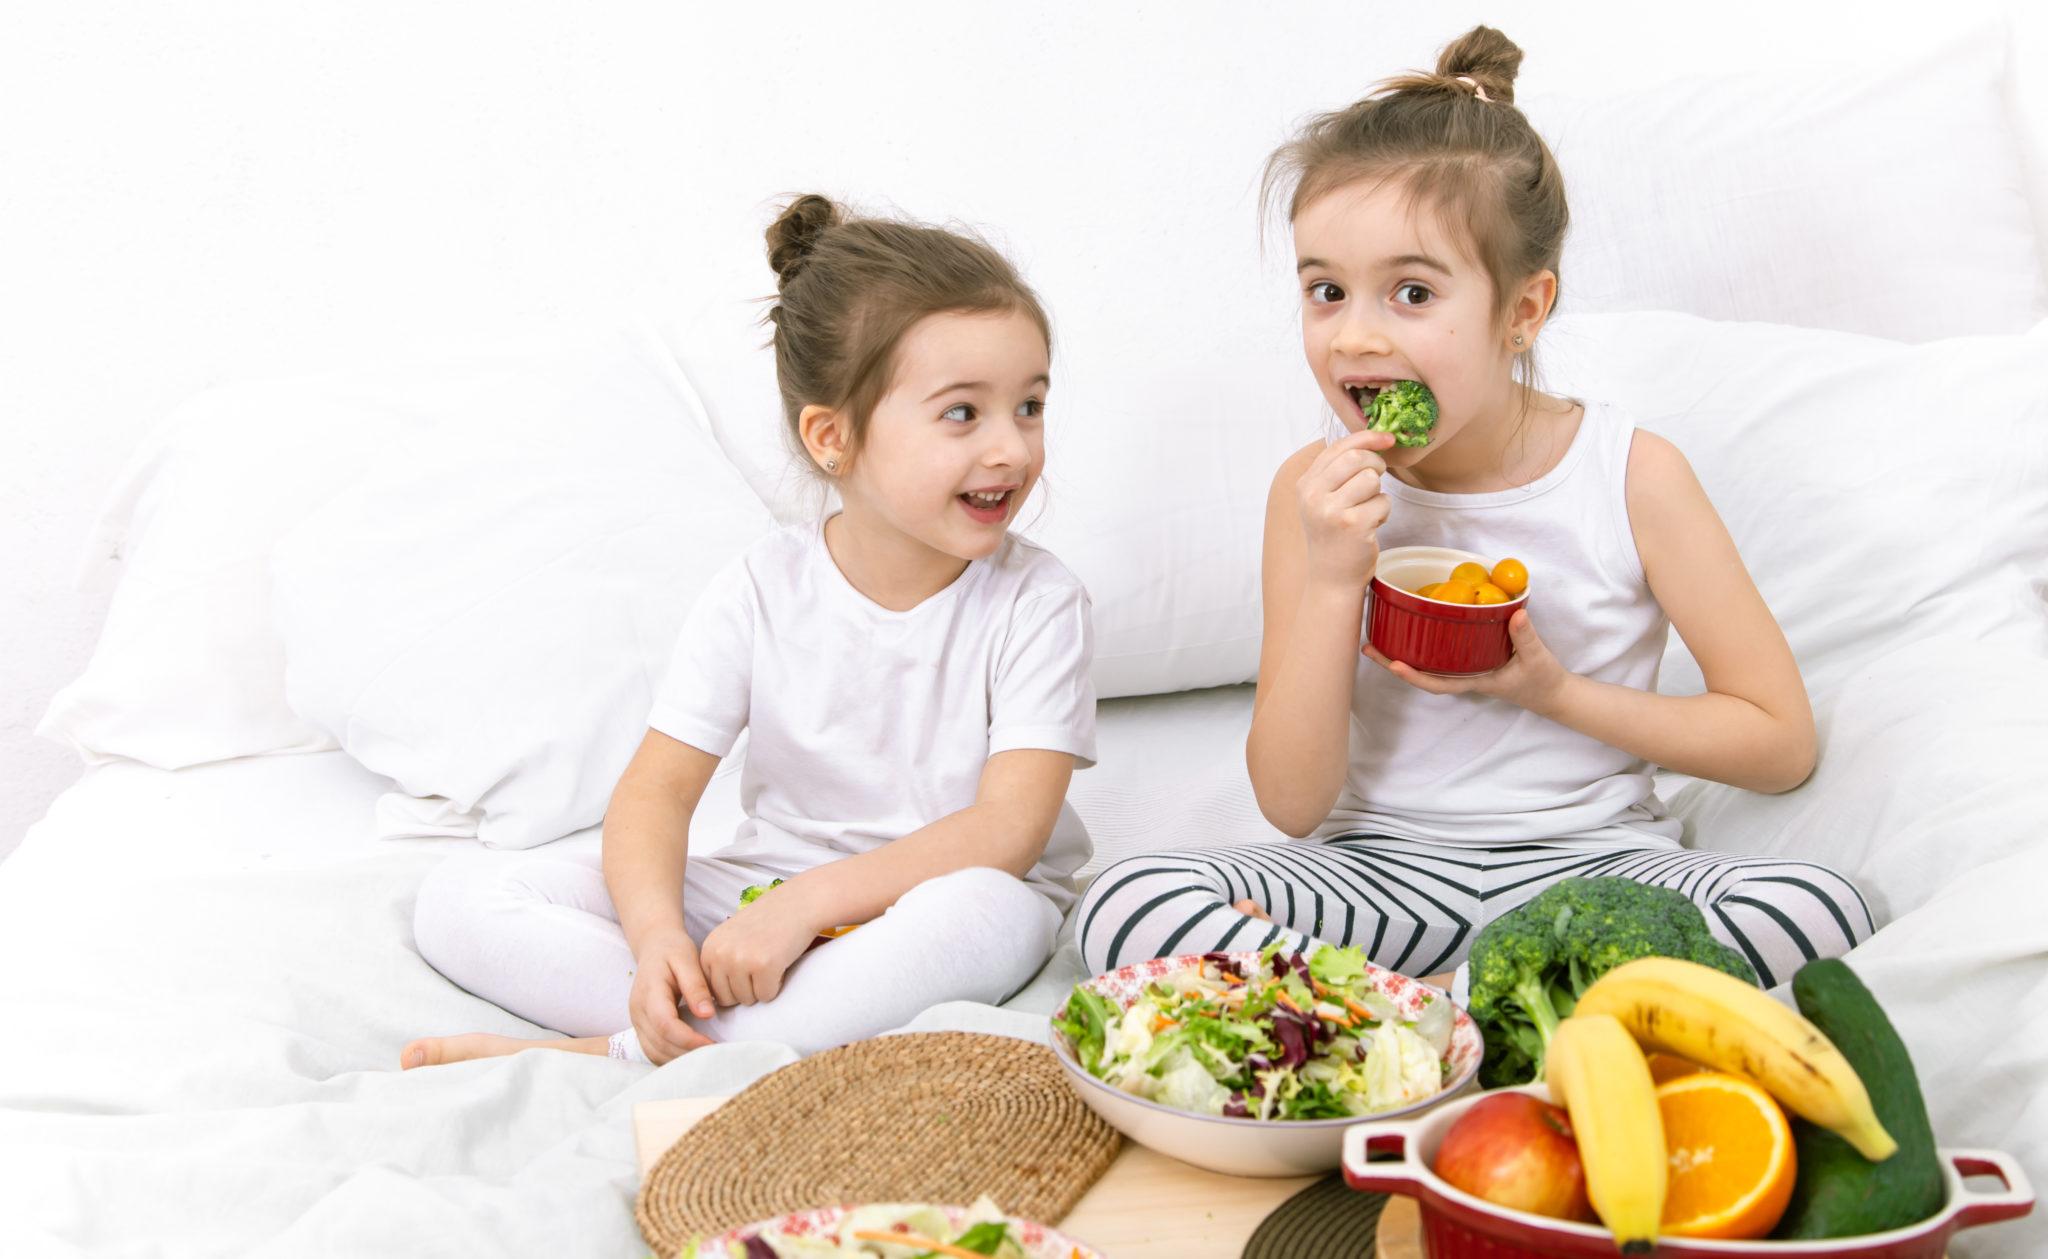 10 sfaturi despre ce să mănânci, să bei și să faci după masă de la un medic stomatolog - 1